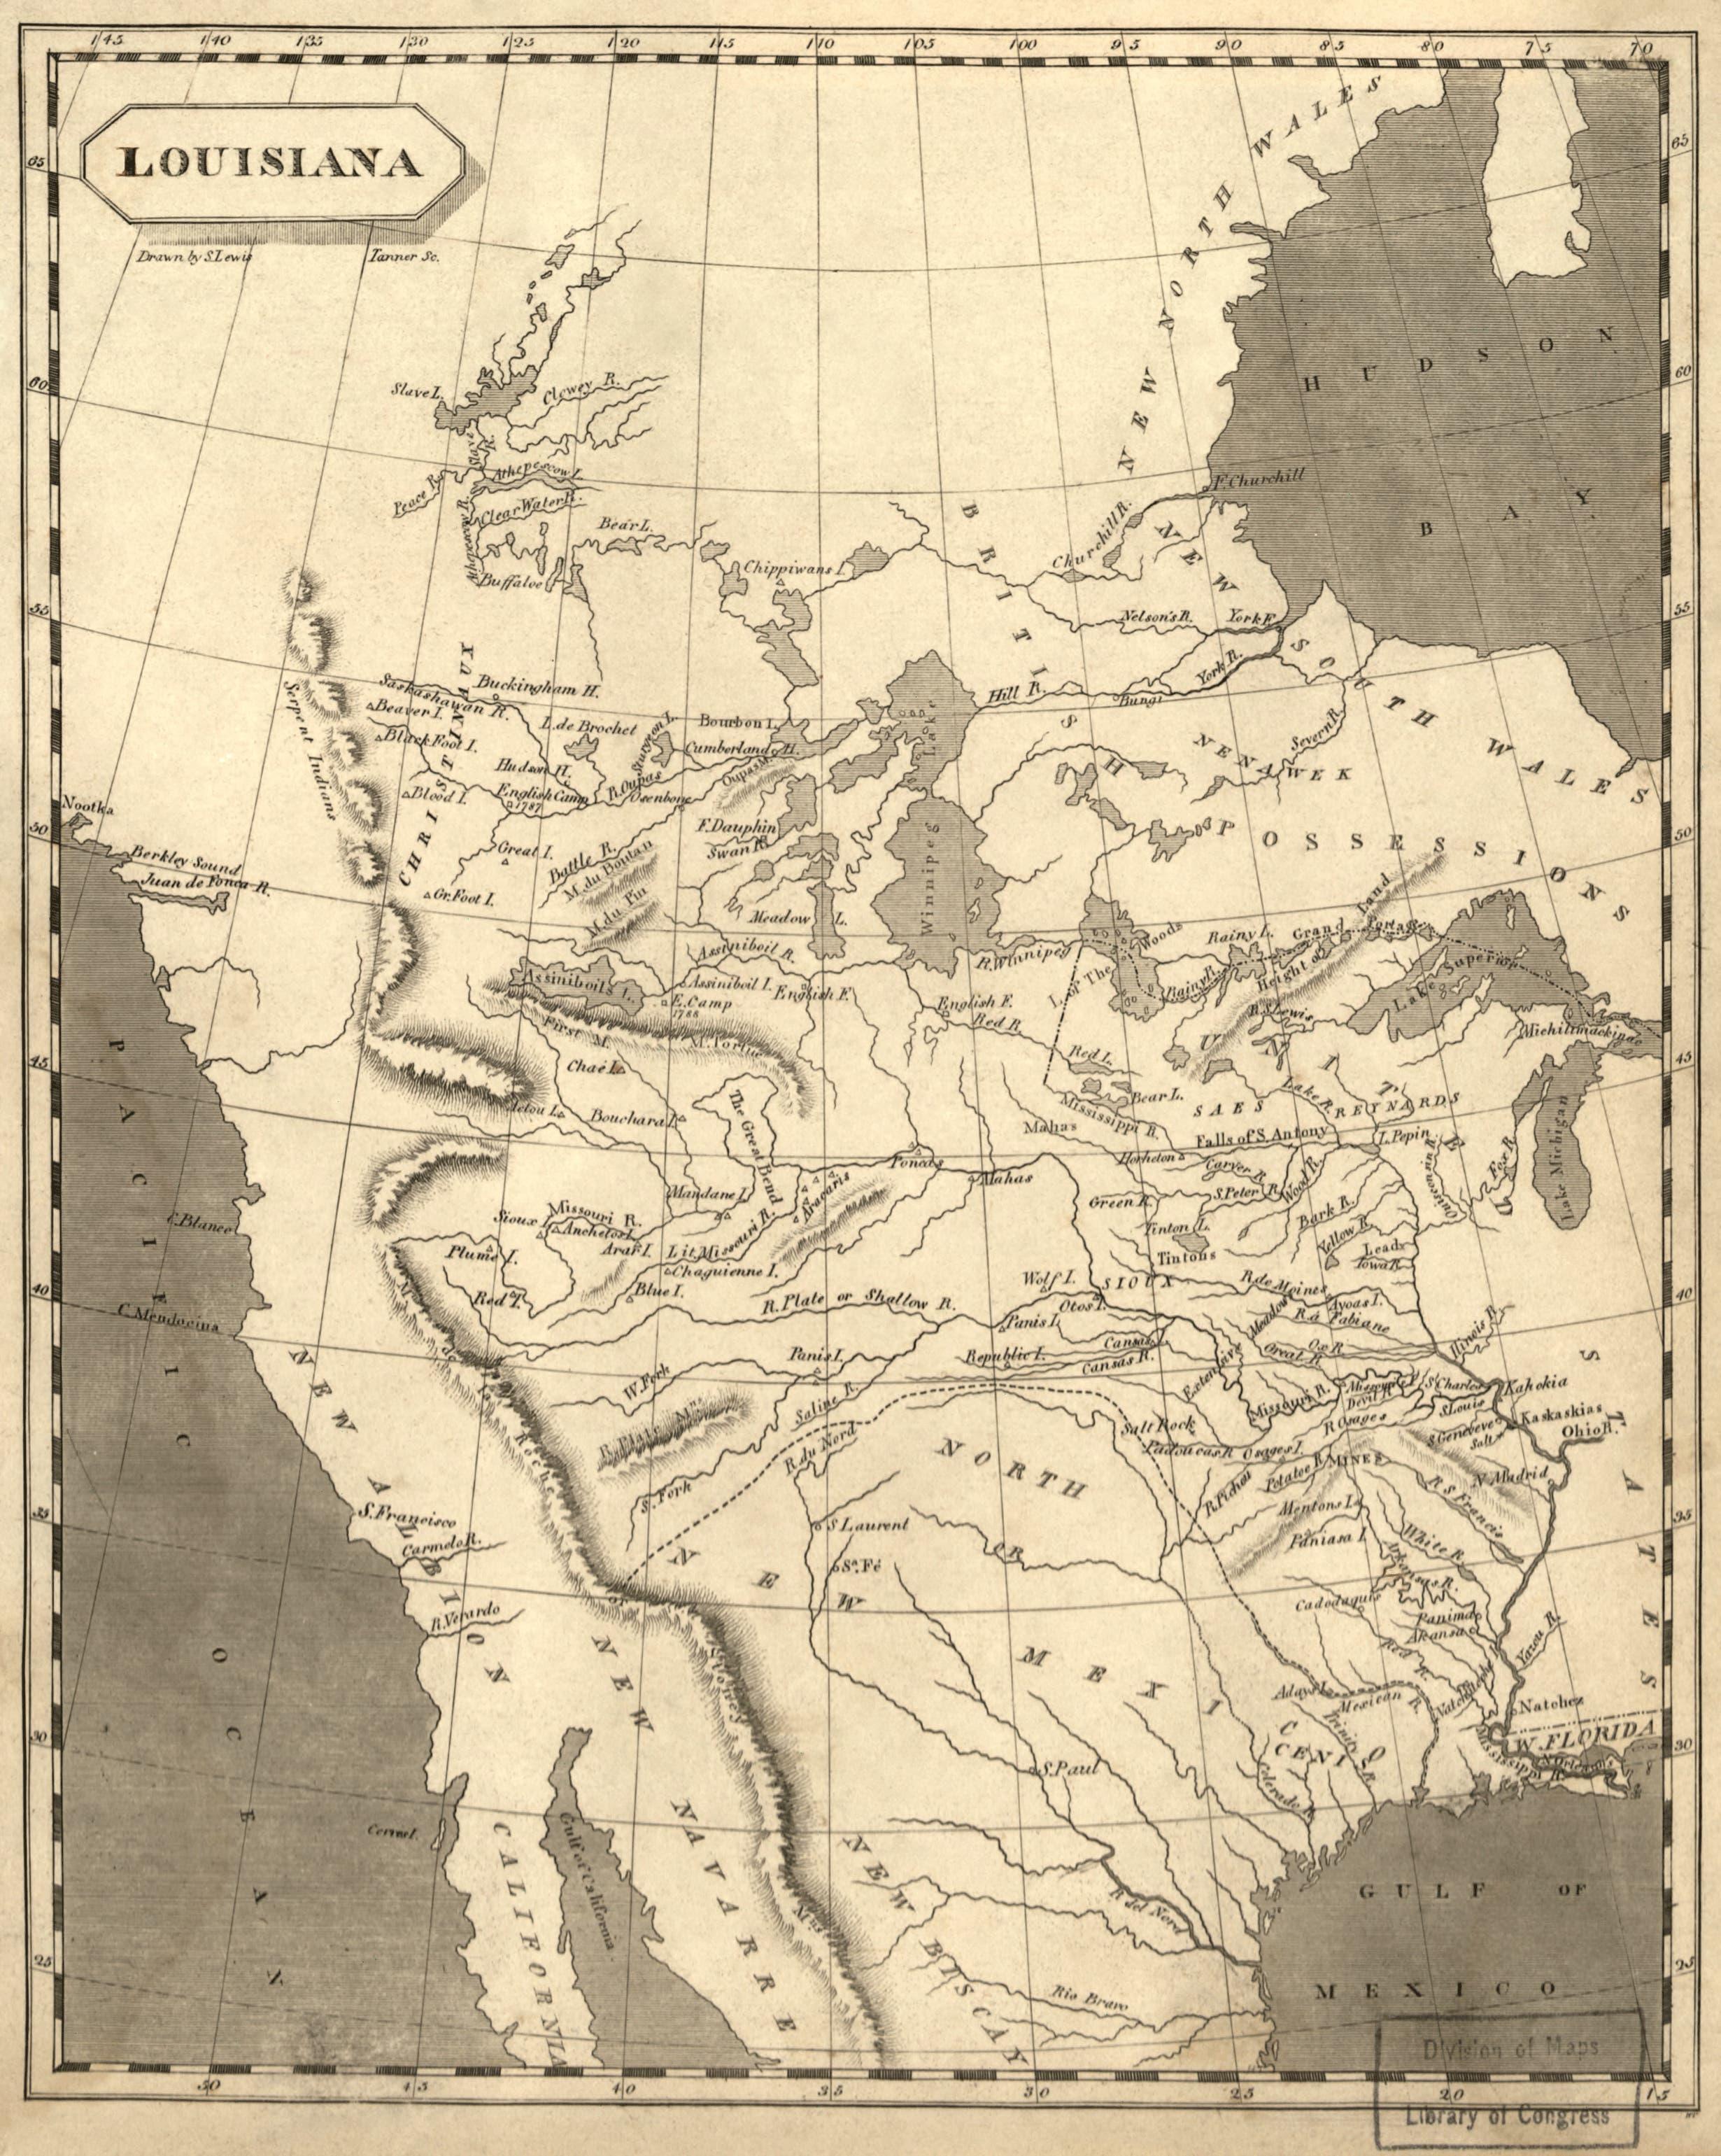 خريطة تجسد مناطق لويزيانا